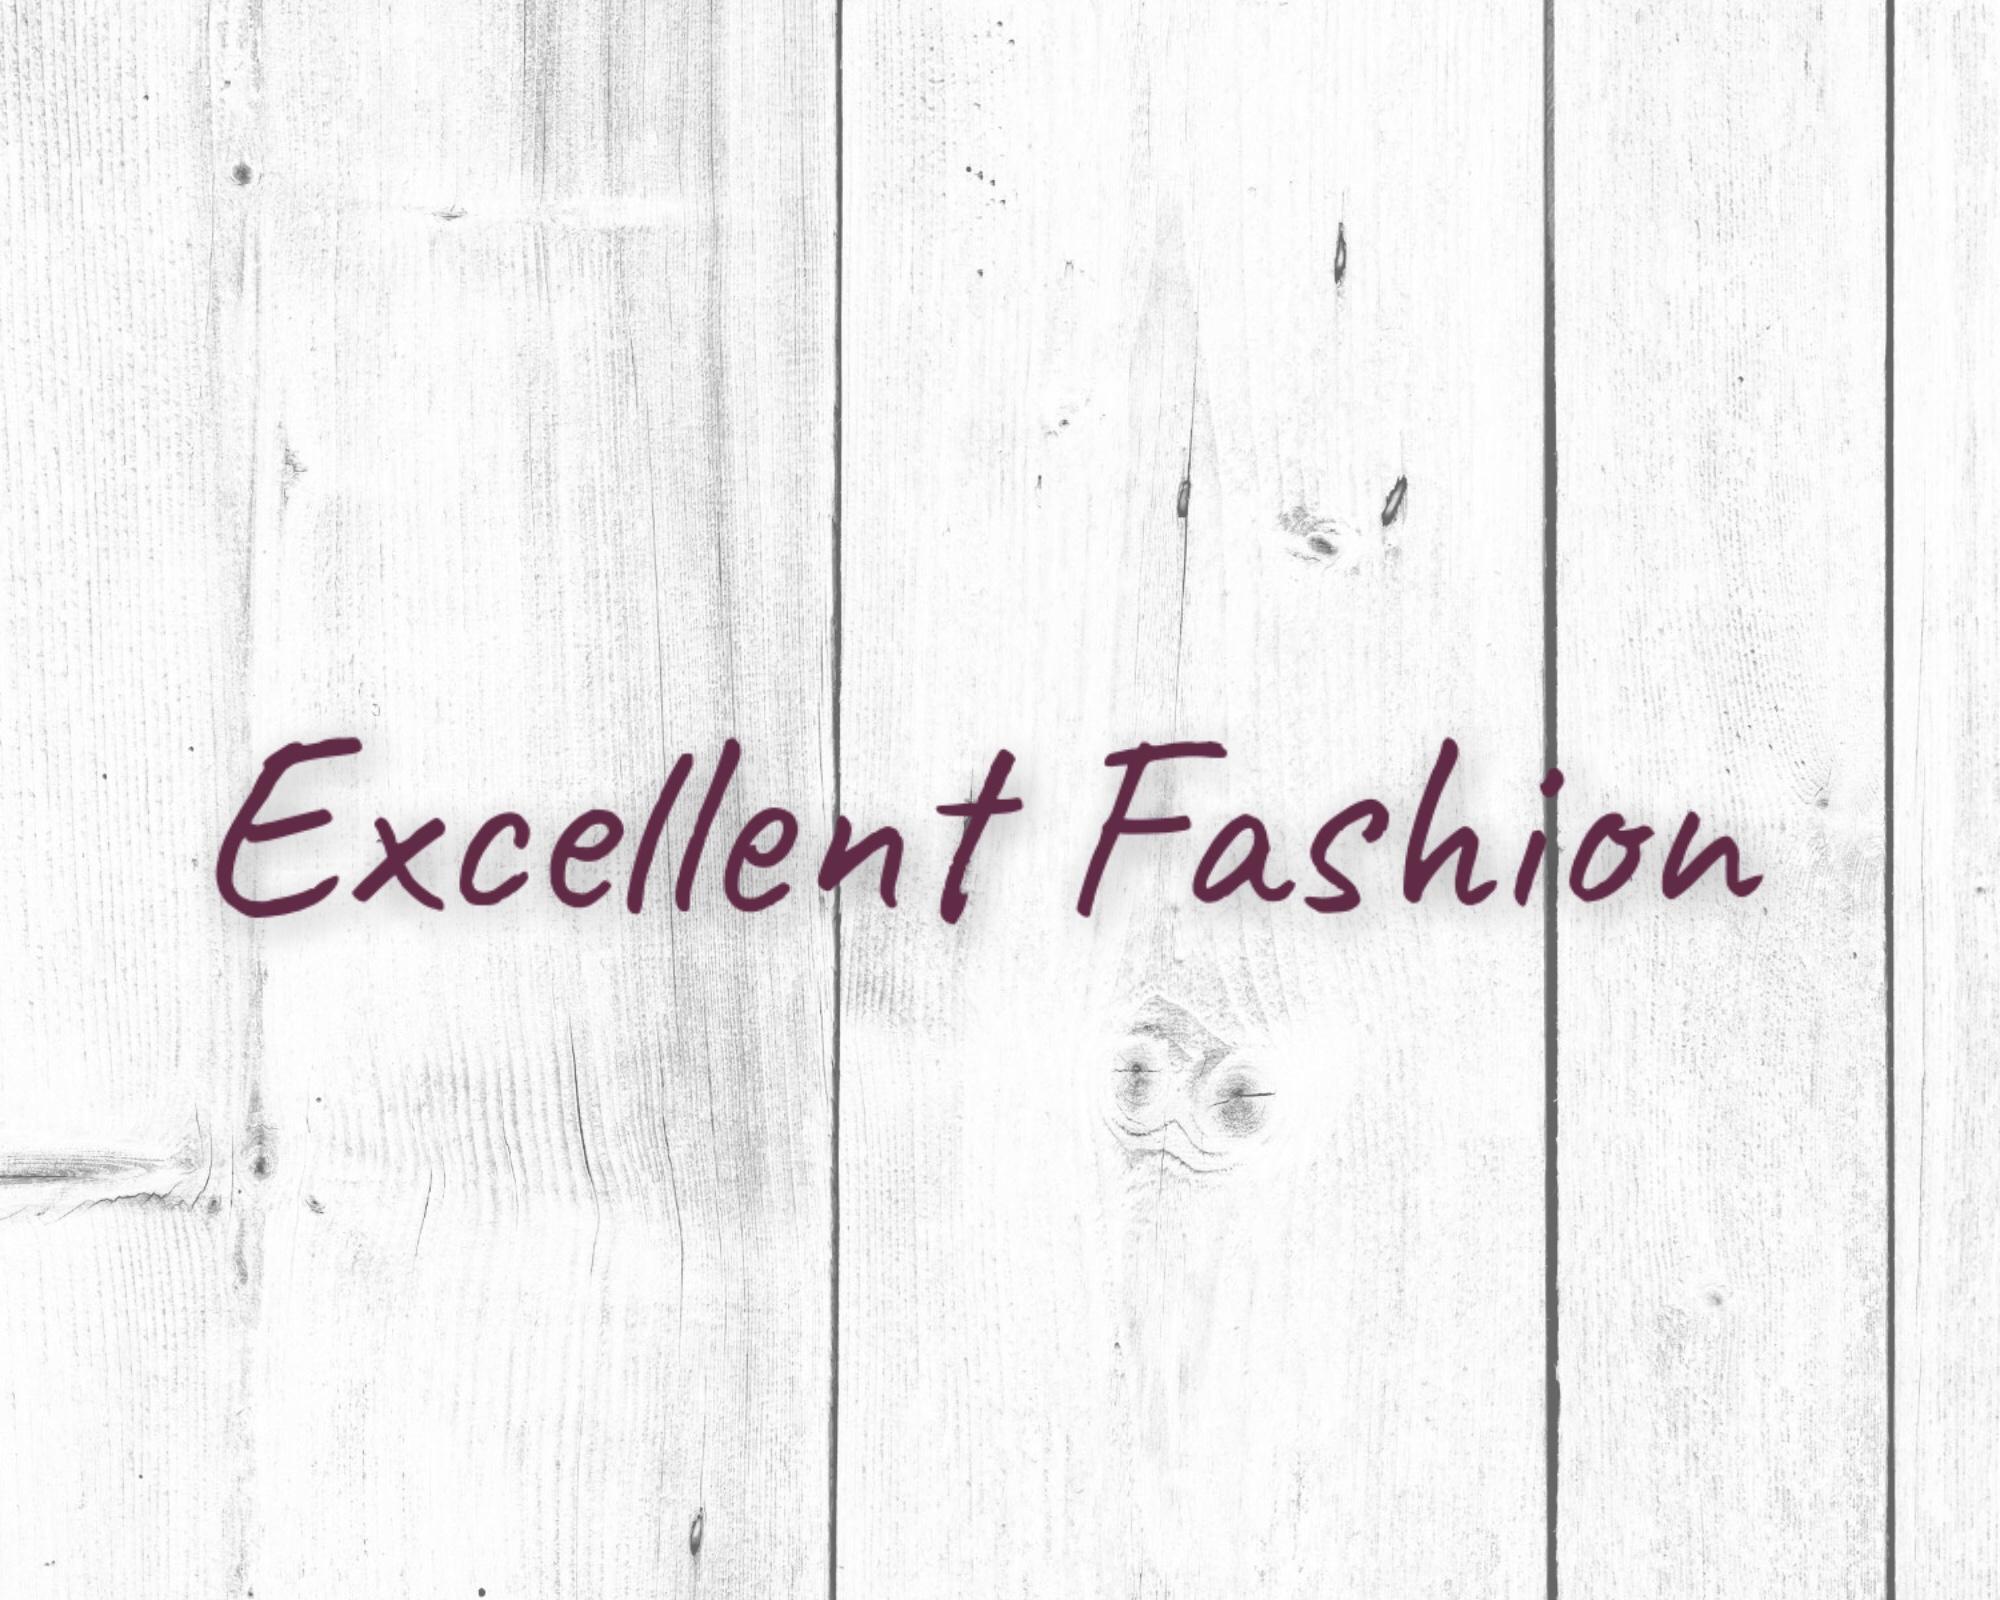 Excellent Fashion